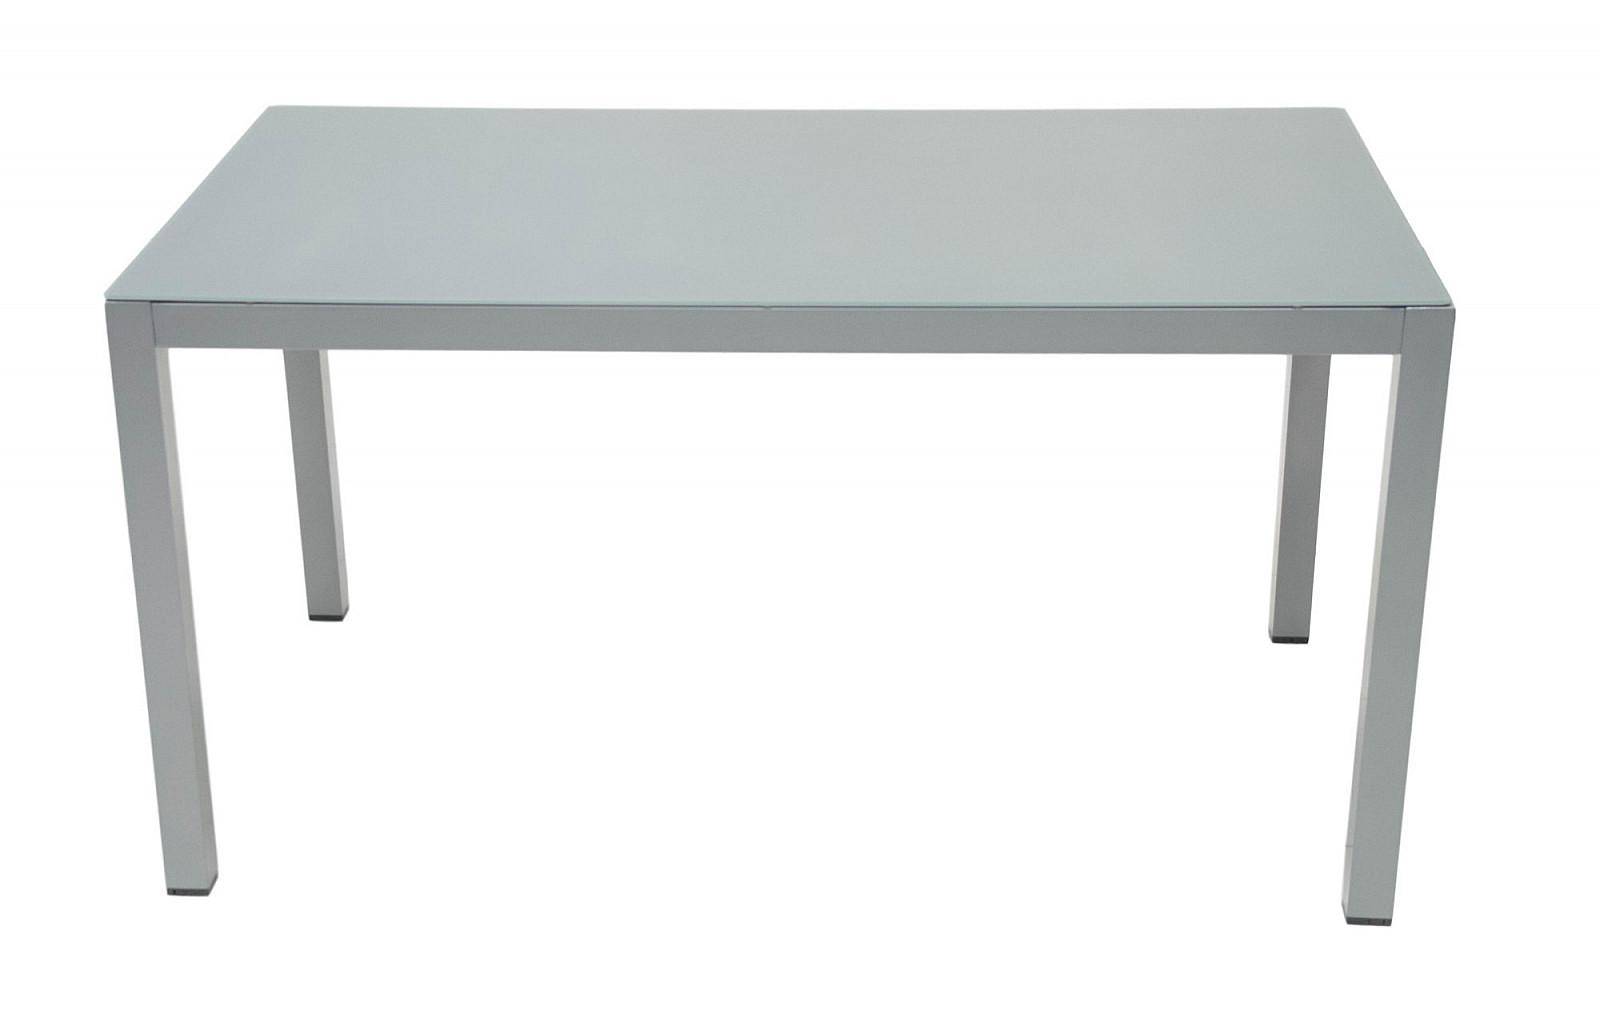 Hliníkový jedálenský stôl 140 x 80 cm GRENADA